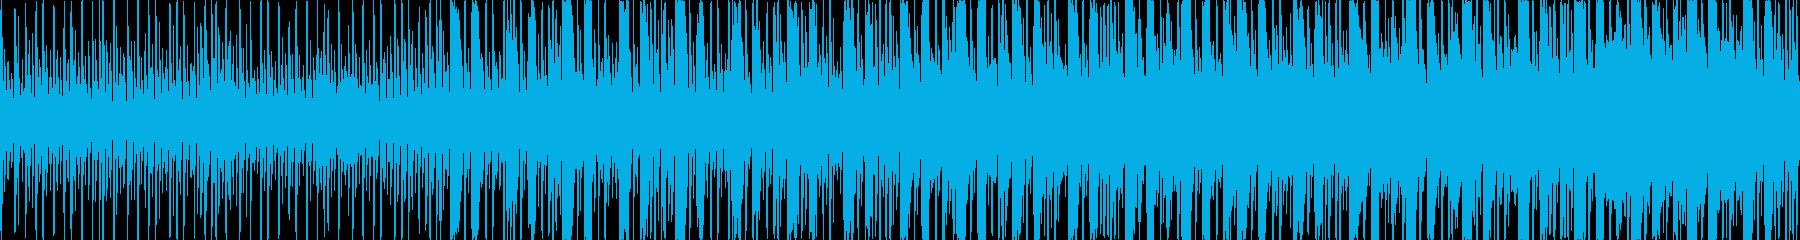 戦闘前のBGMの再生済みの波形